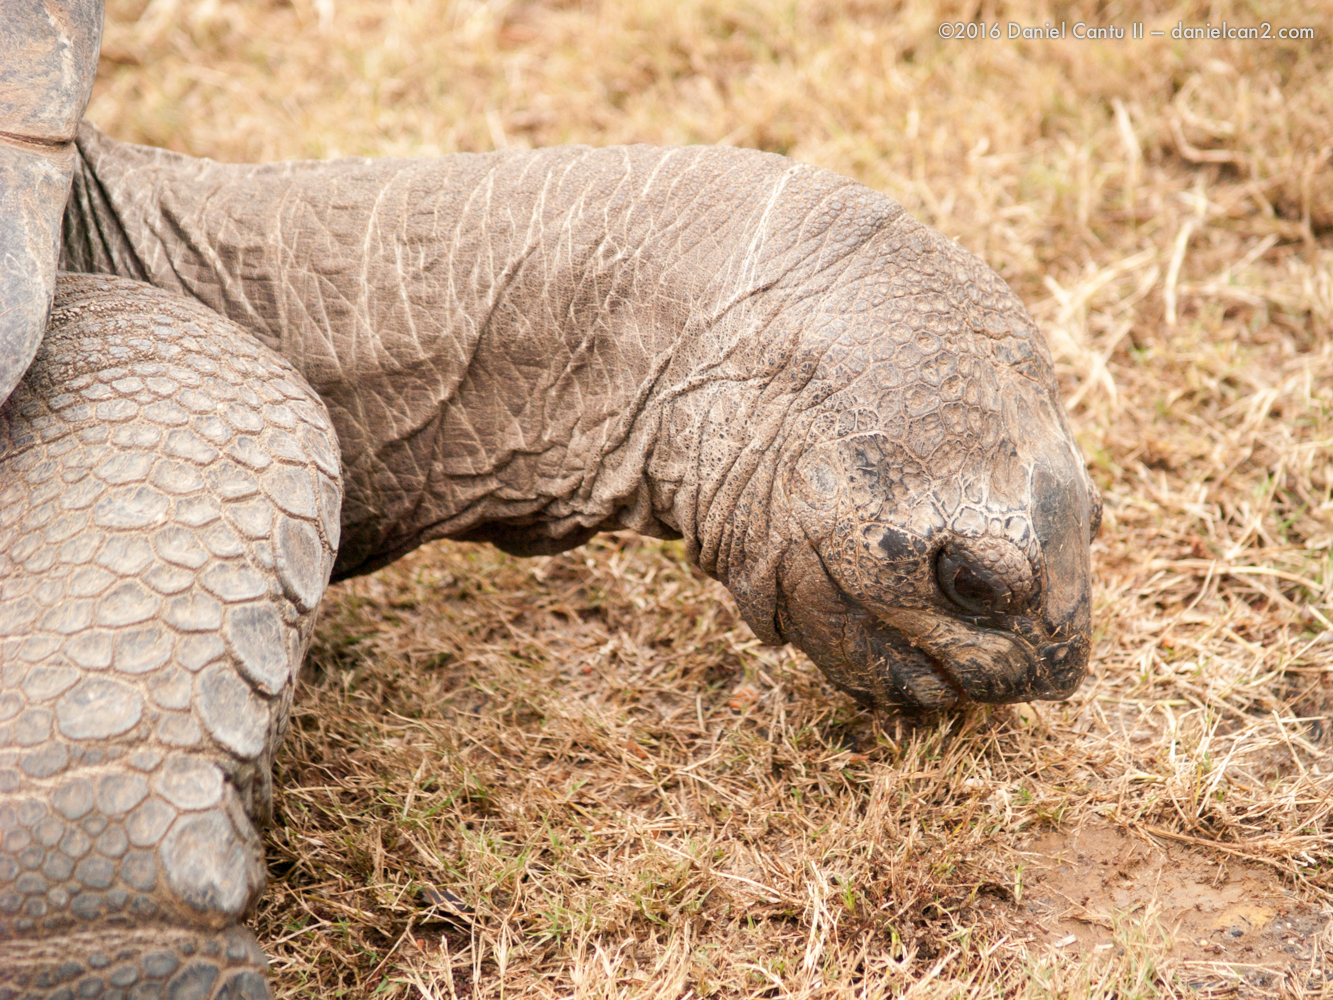 Daniel-Cantu-II-Zoo-March-2015-14.jpg